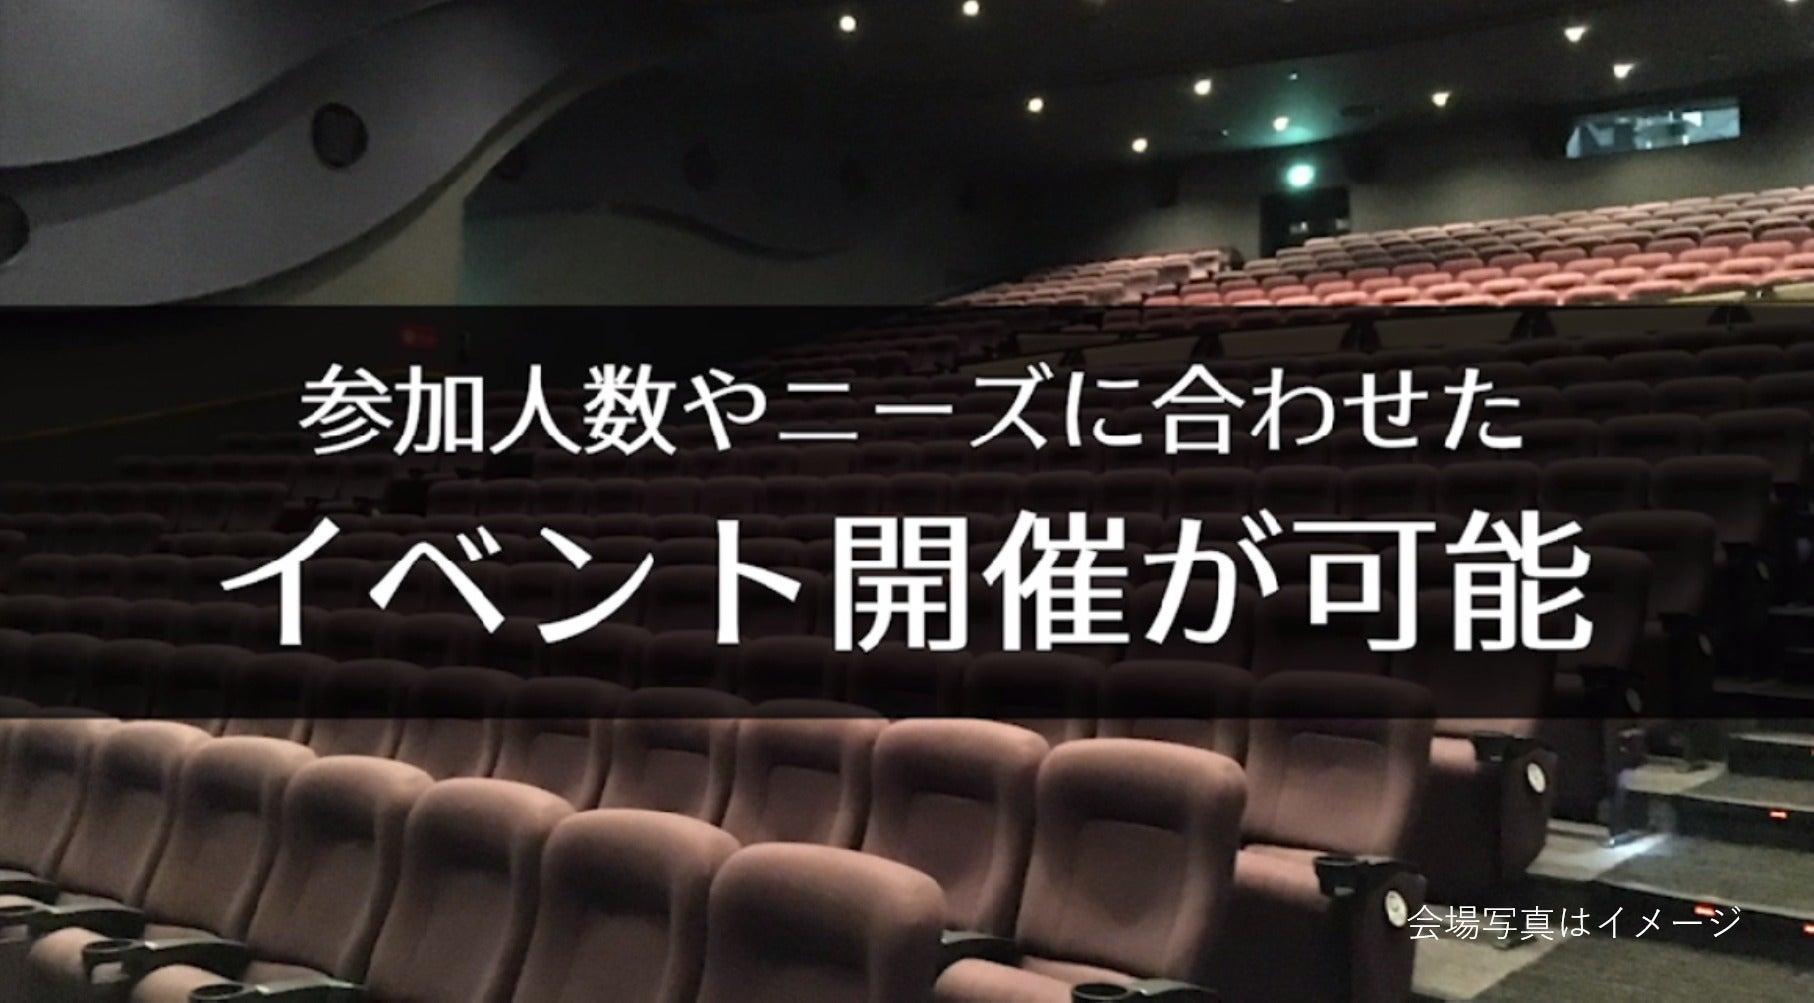 【水戸 459席】映画館で、会社説明会、株主総会、講演会の企画はいかがですか?